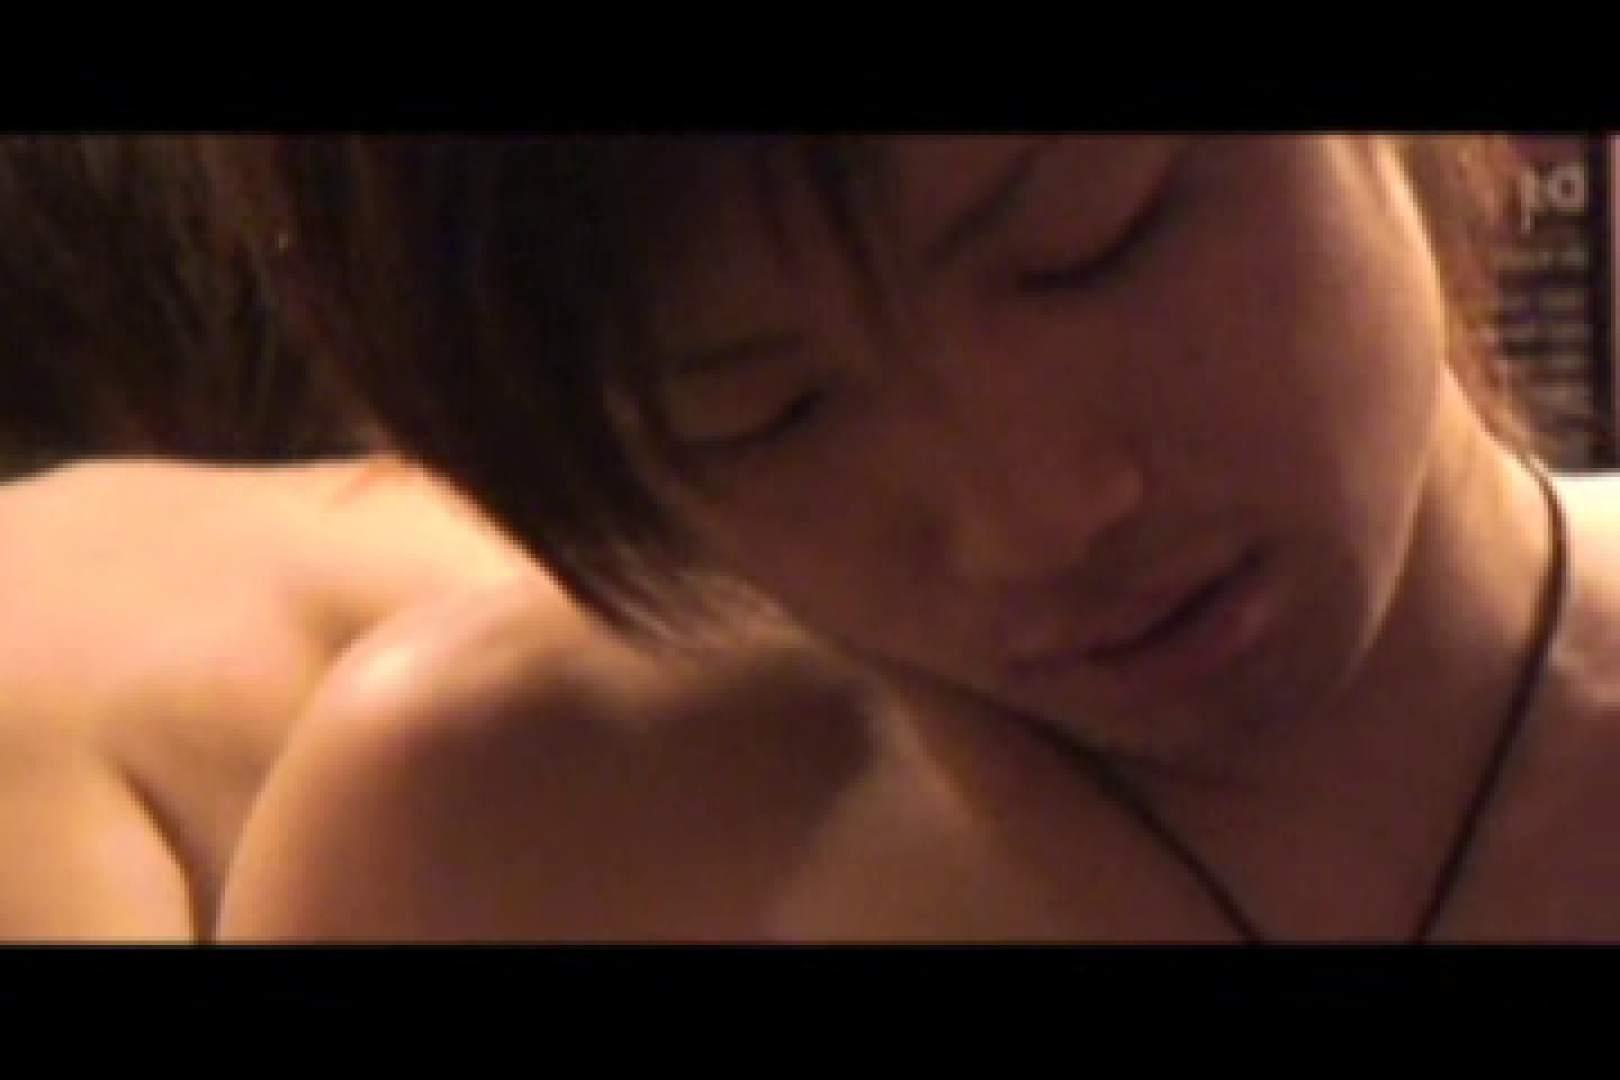 イケメン,s VOL.4 KISS ゲイアダルトビデオ画像 91pic 18